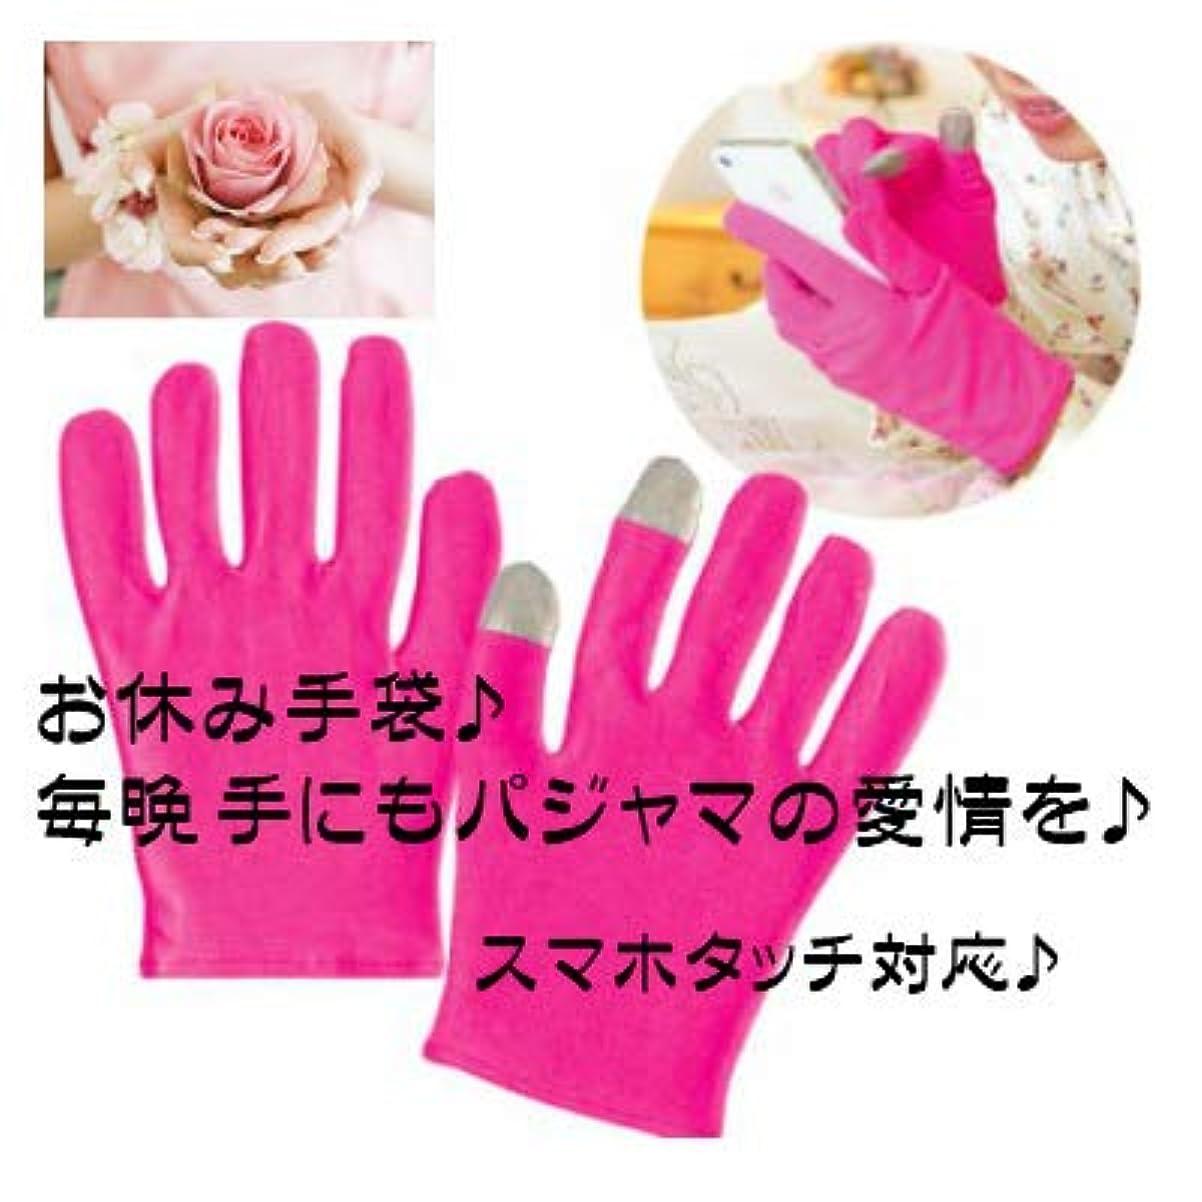 横に予見する熟読美容ハンドケア手袋 就寝手袋 スマホタッチ対応 おやすみ手袋保湿手袋